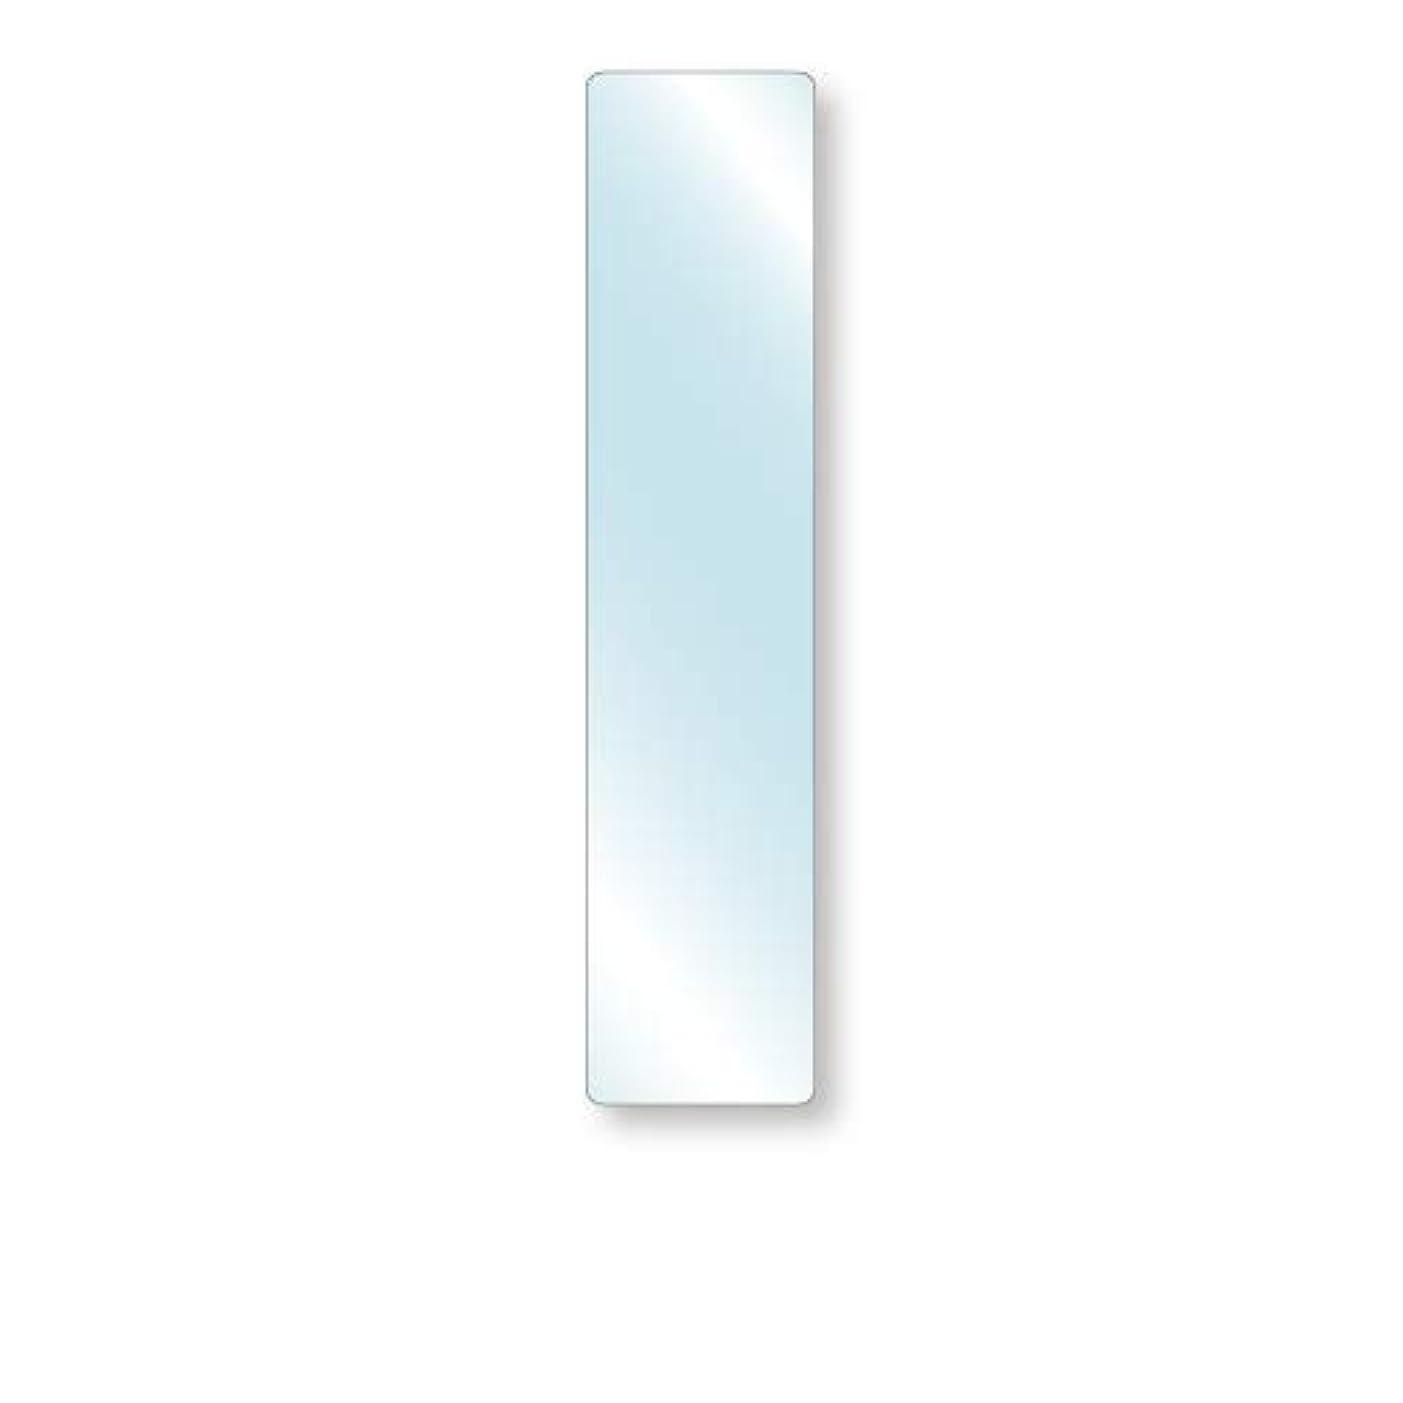 満足できる抵抗する間欠強化ガラス 厚み6mm 200×900mm 四角形 4隅R加工 ミガキ サイズオーダー対応